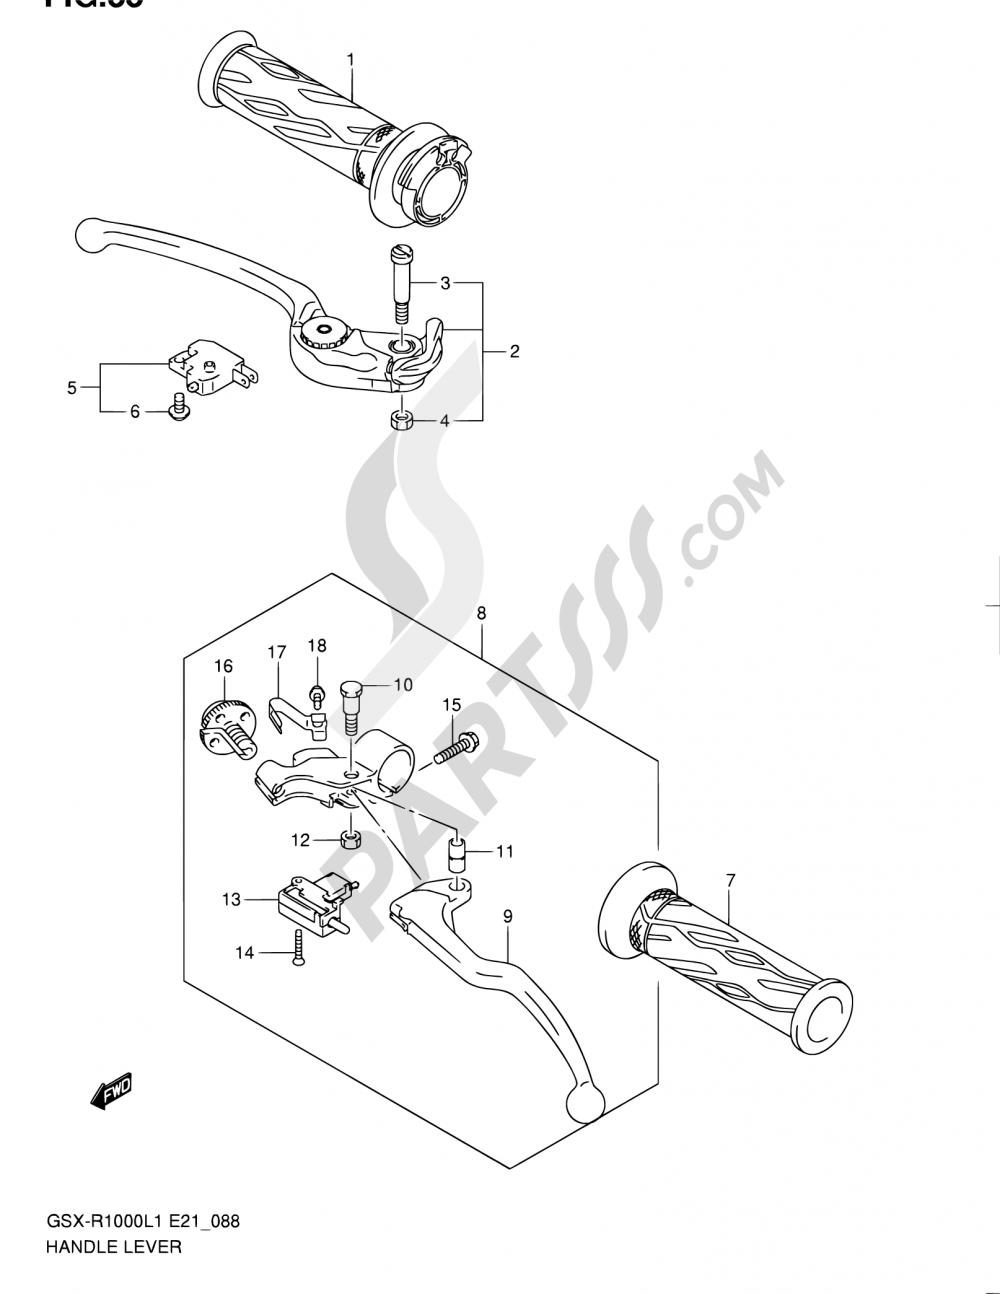 88 - HANDLE LEVER Suzuki GSX-R1000 2011